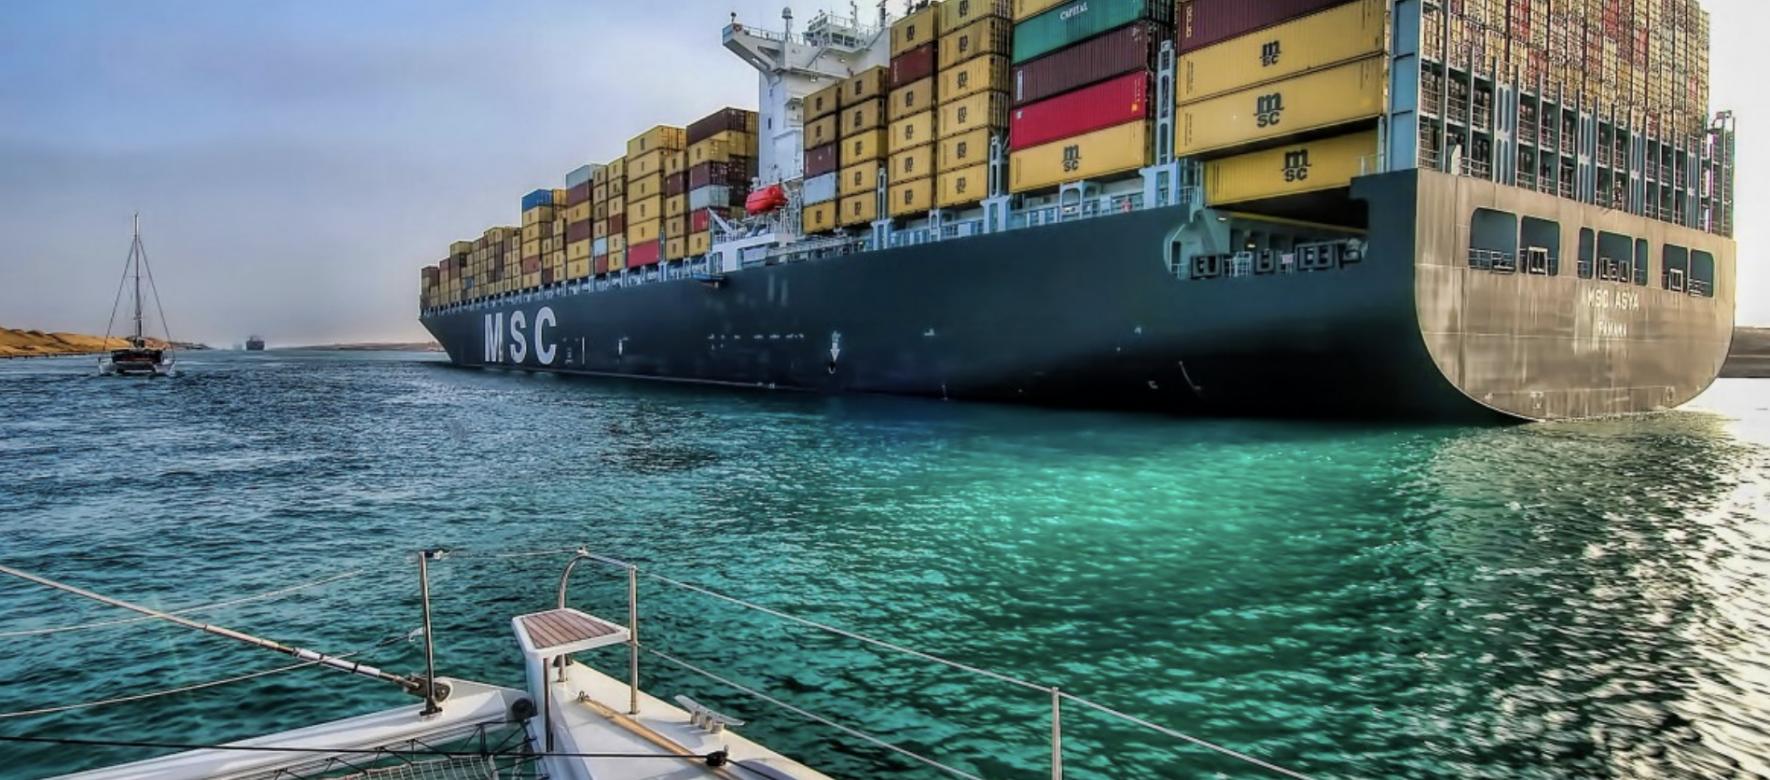 Egypte : Les revenus du Canal de Suez ont légèrement chuté à 5,72 milliards $ au cours de l'exercice 2019-2020